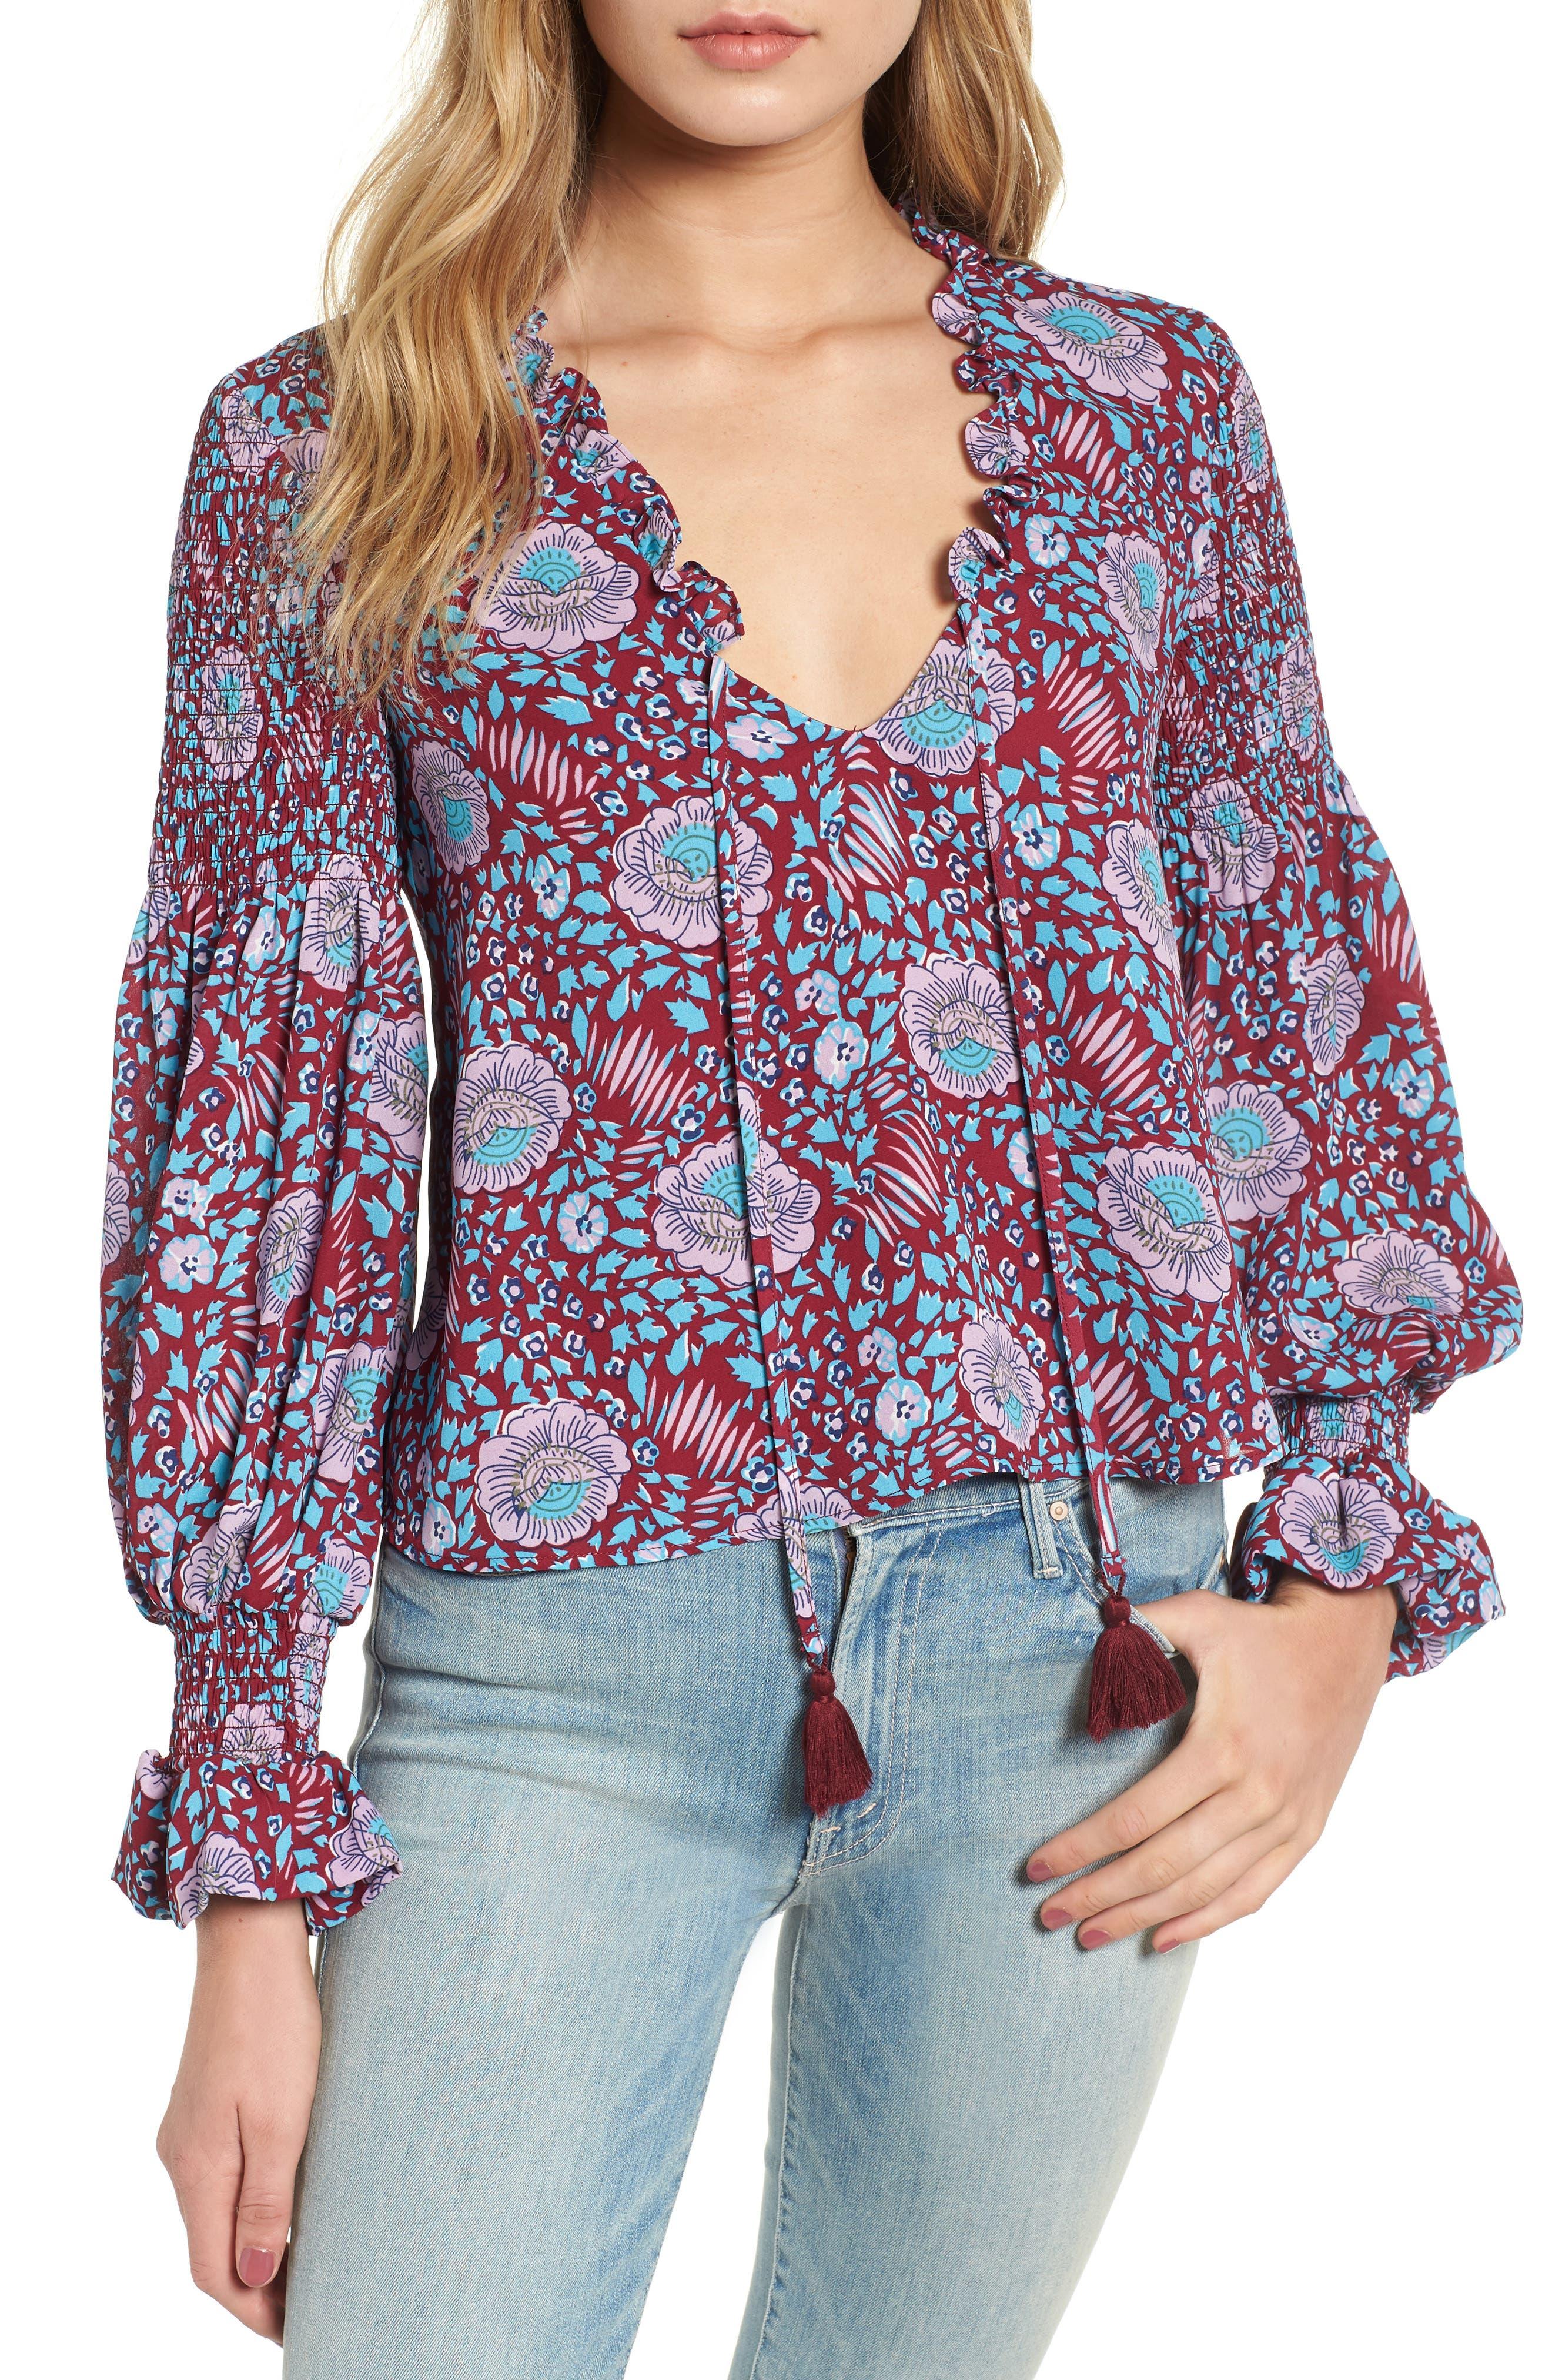 Penelope Floral Ruffle Top,                             Main thumbnail 1, color,                             DARK RED MULTI